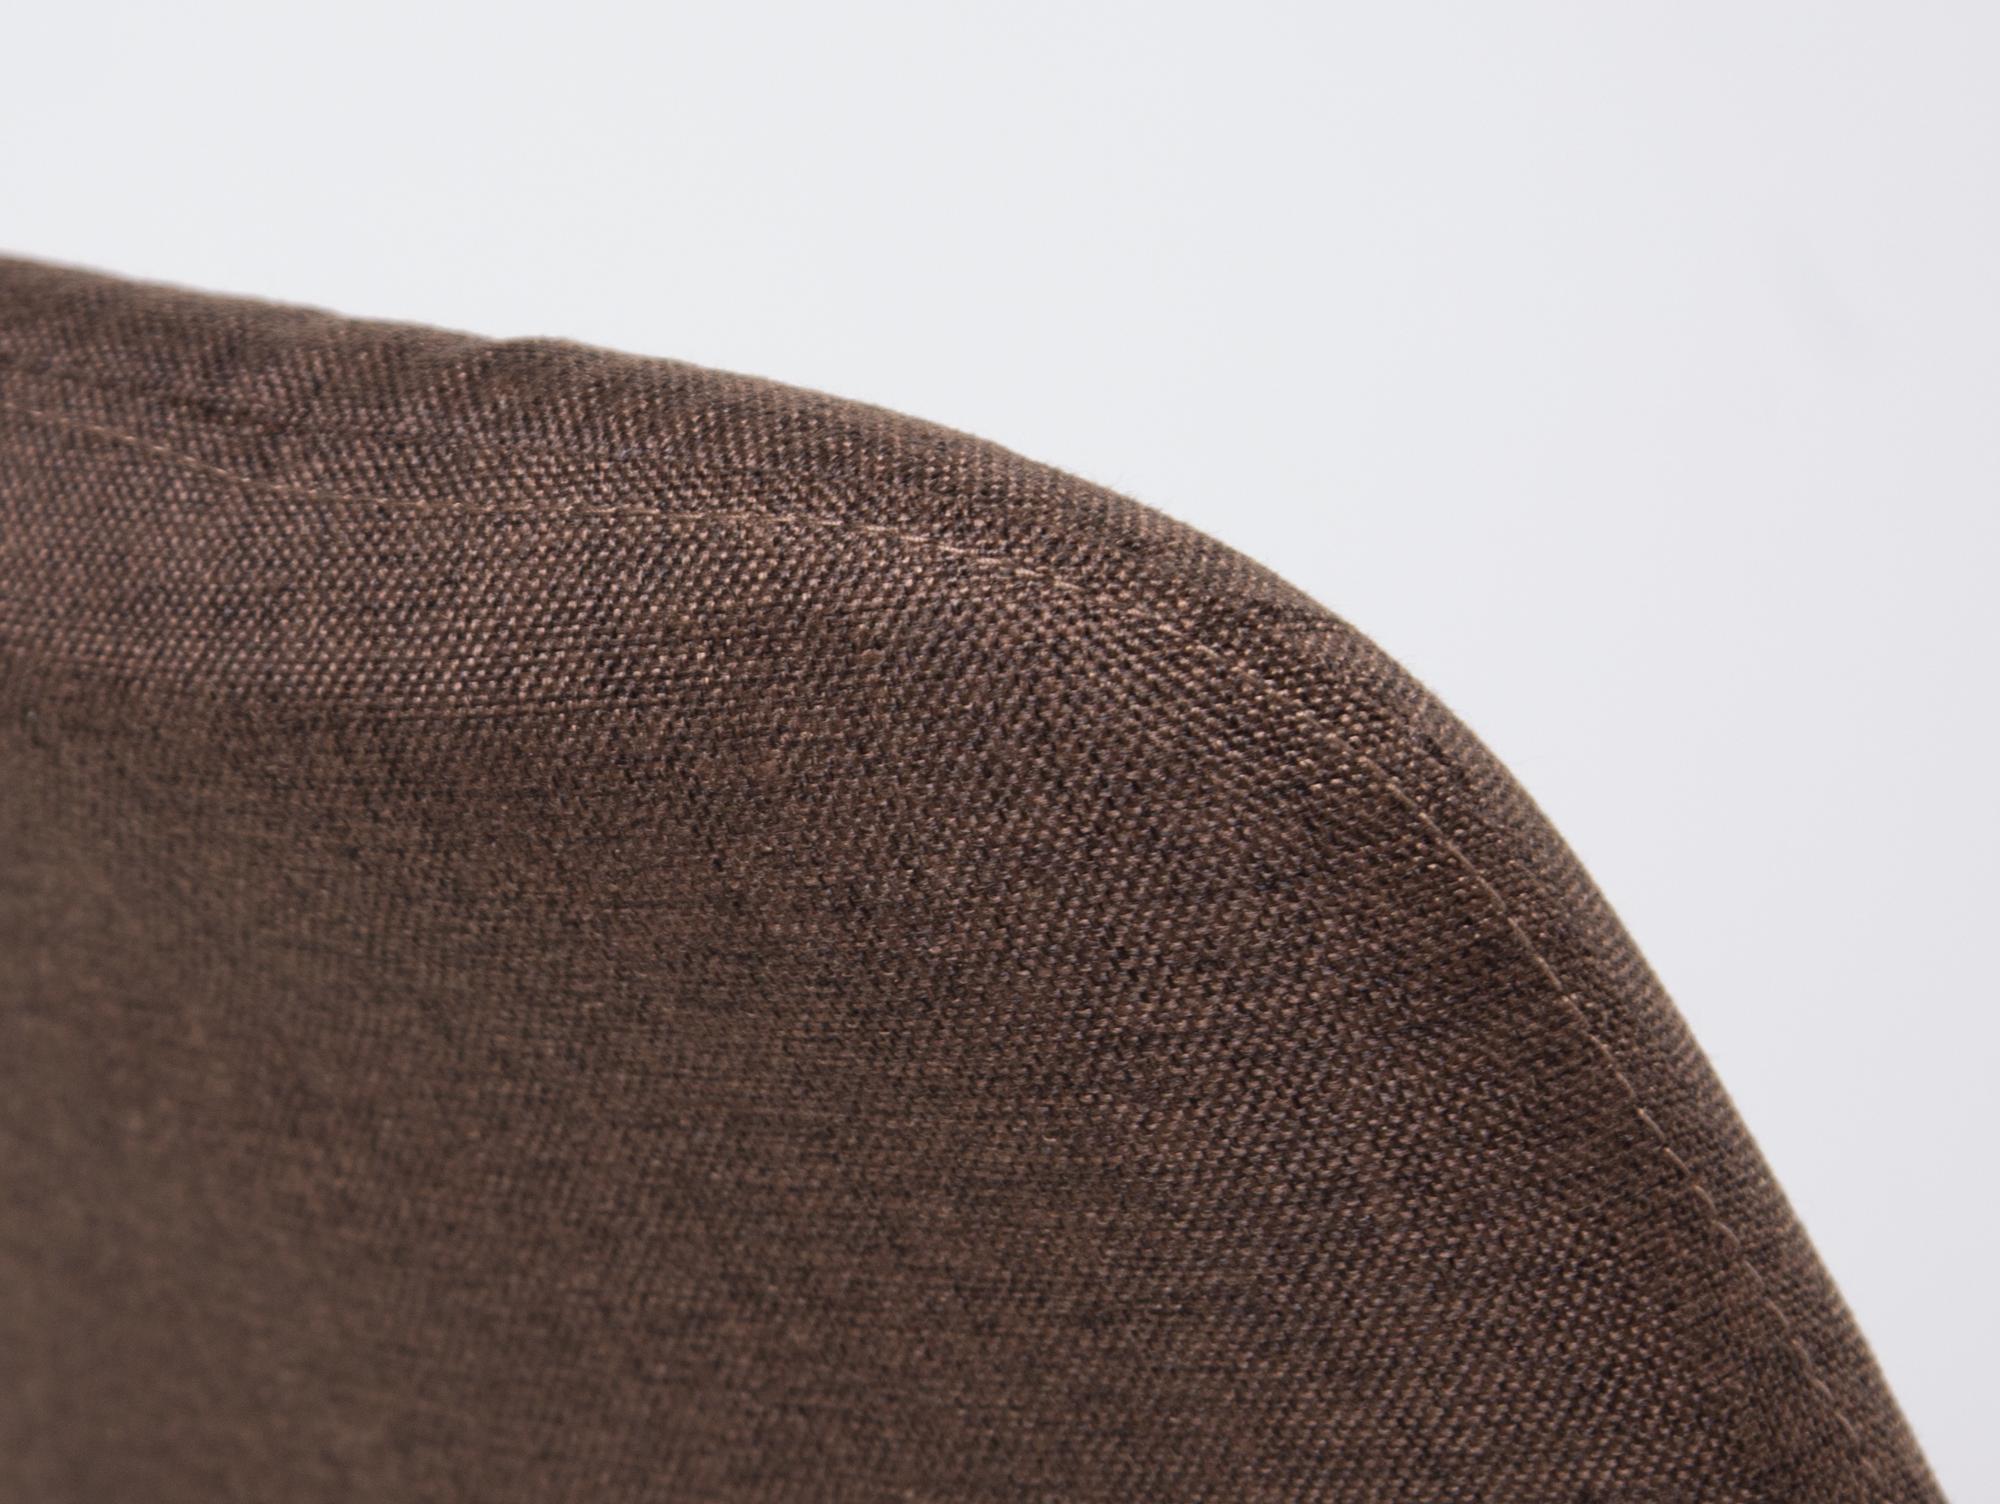 Pitu esstischstuhl schalenstuhl stoffbezug dunkelbraun for Schalenstuhl beige